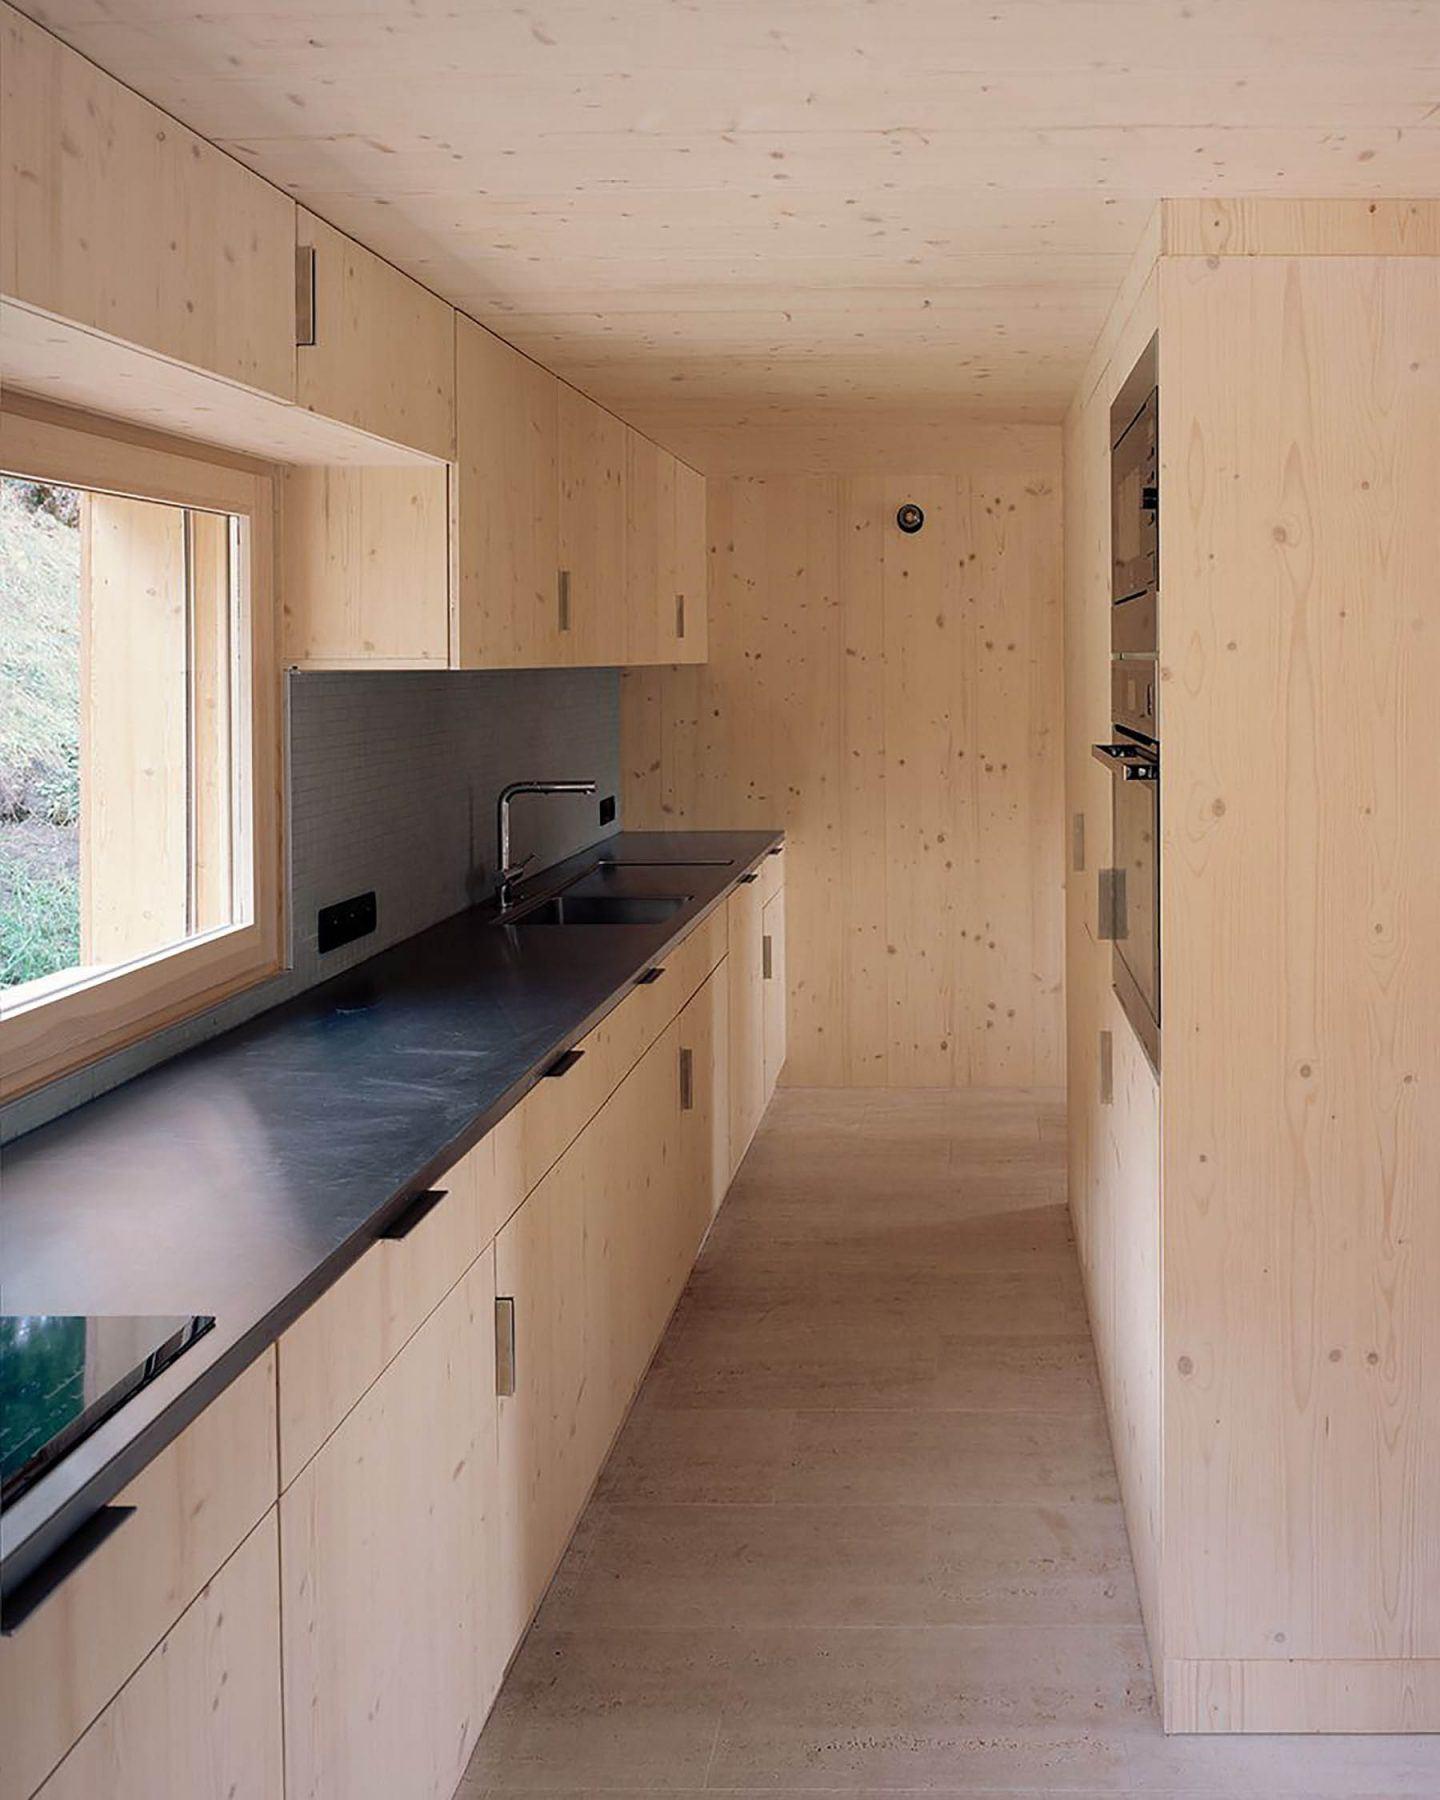 IGNANT-Architecture-Joachim-Fritschy-Frit01-14